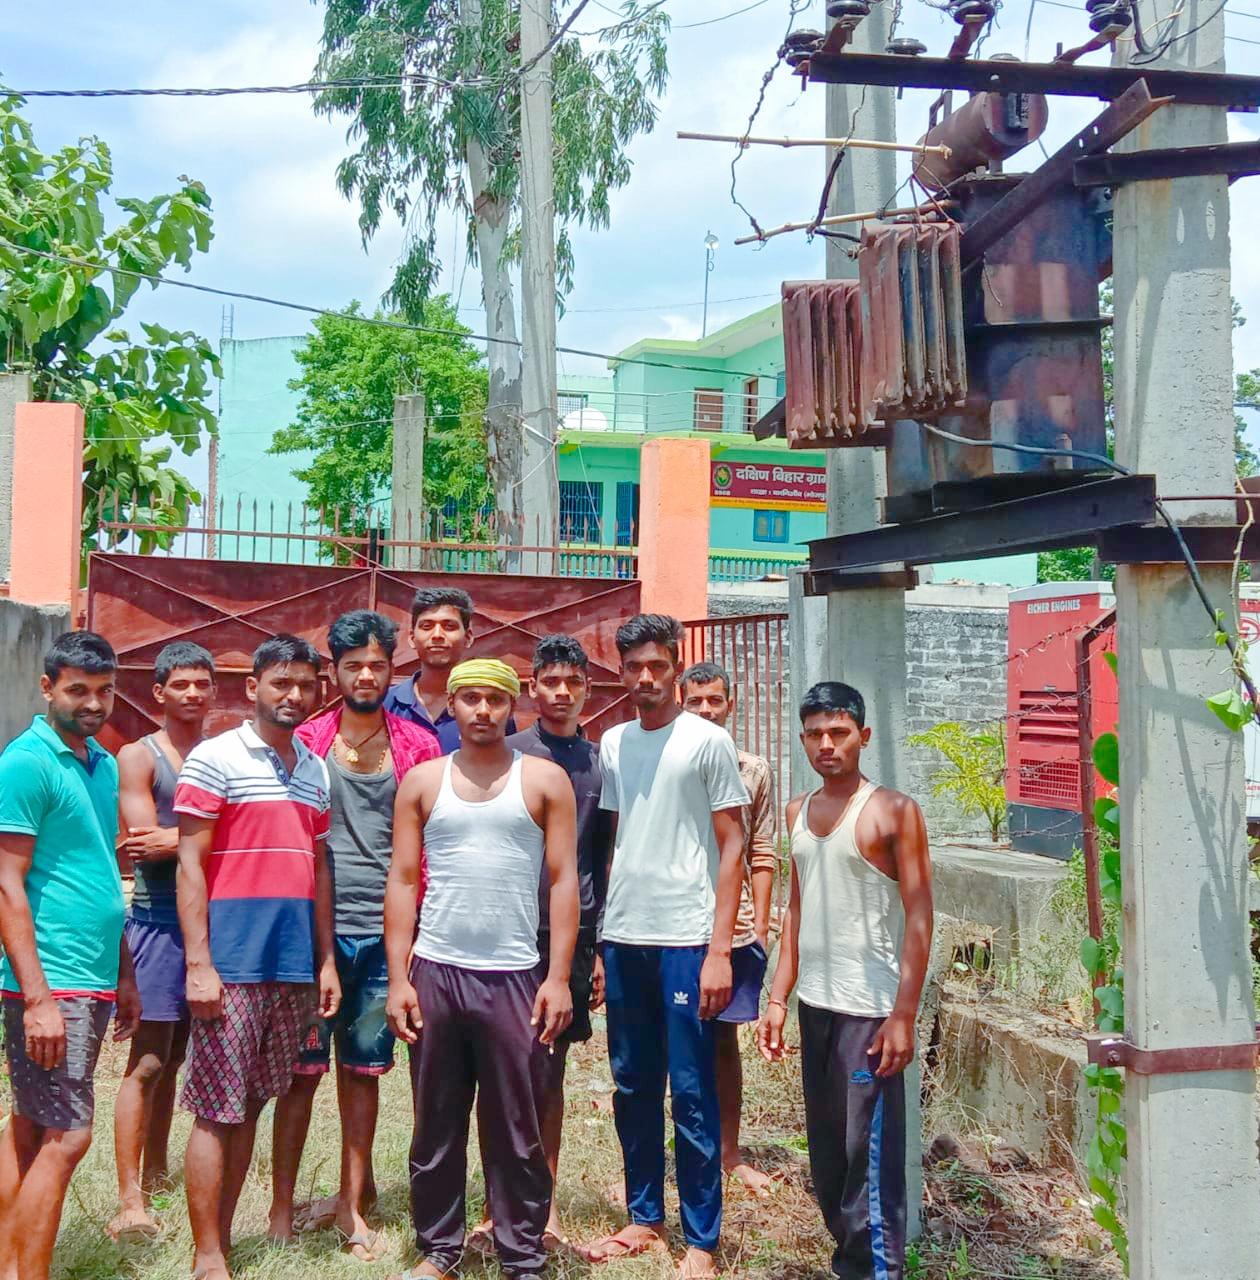 बिजली गुल: ट्रांसफार्मर जलने से पांच हजार की आबादी वाला गांव अंधेरा,  तीन में दो ट्रांसफार्मर खराब